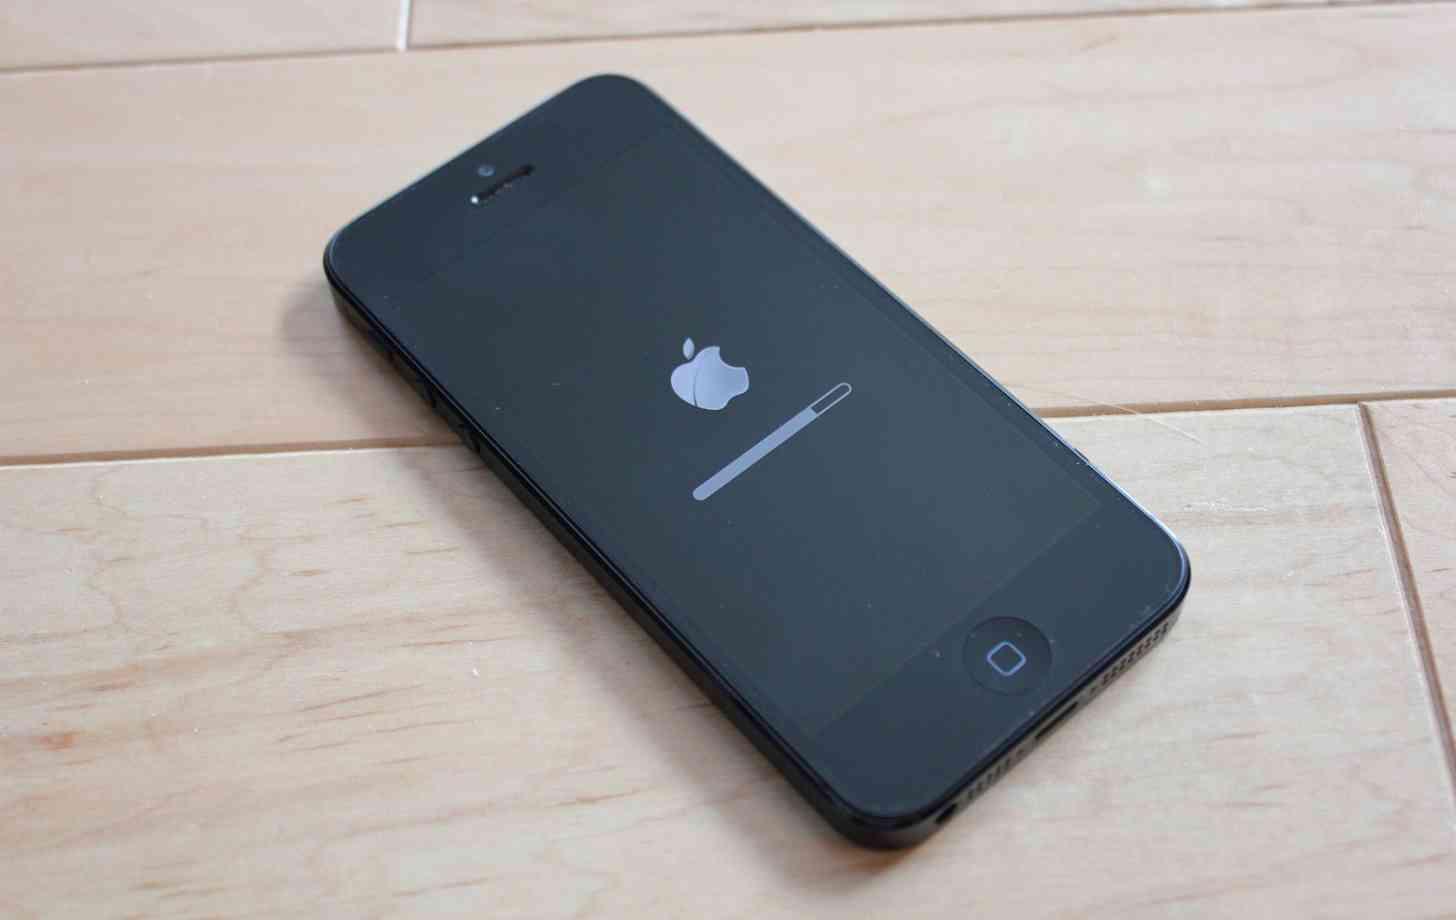 Apple iPhone 5 iOS update